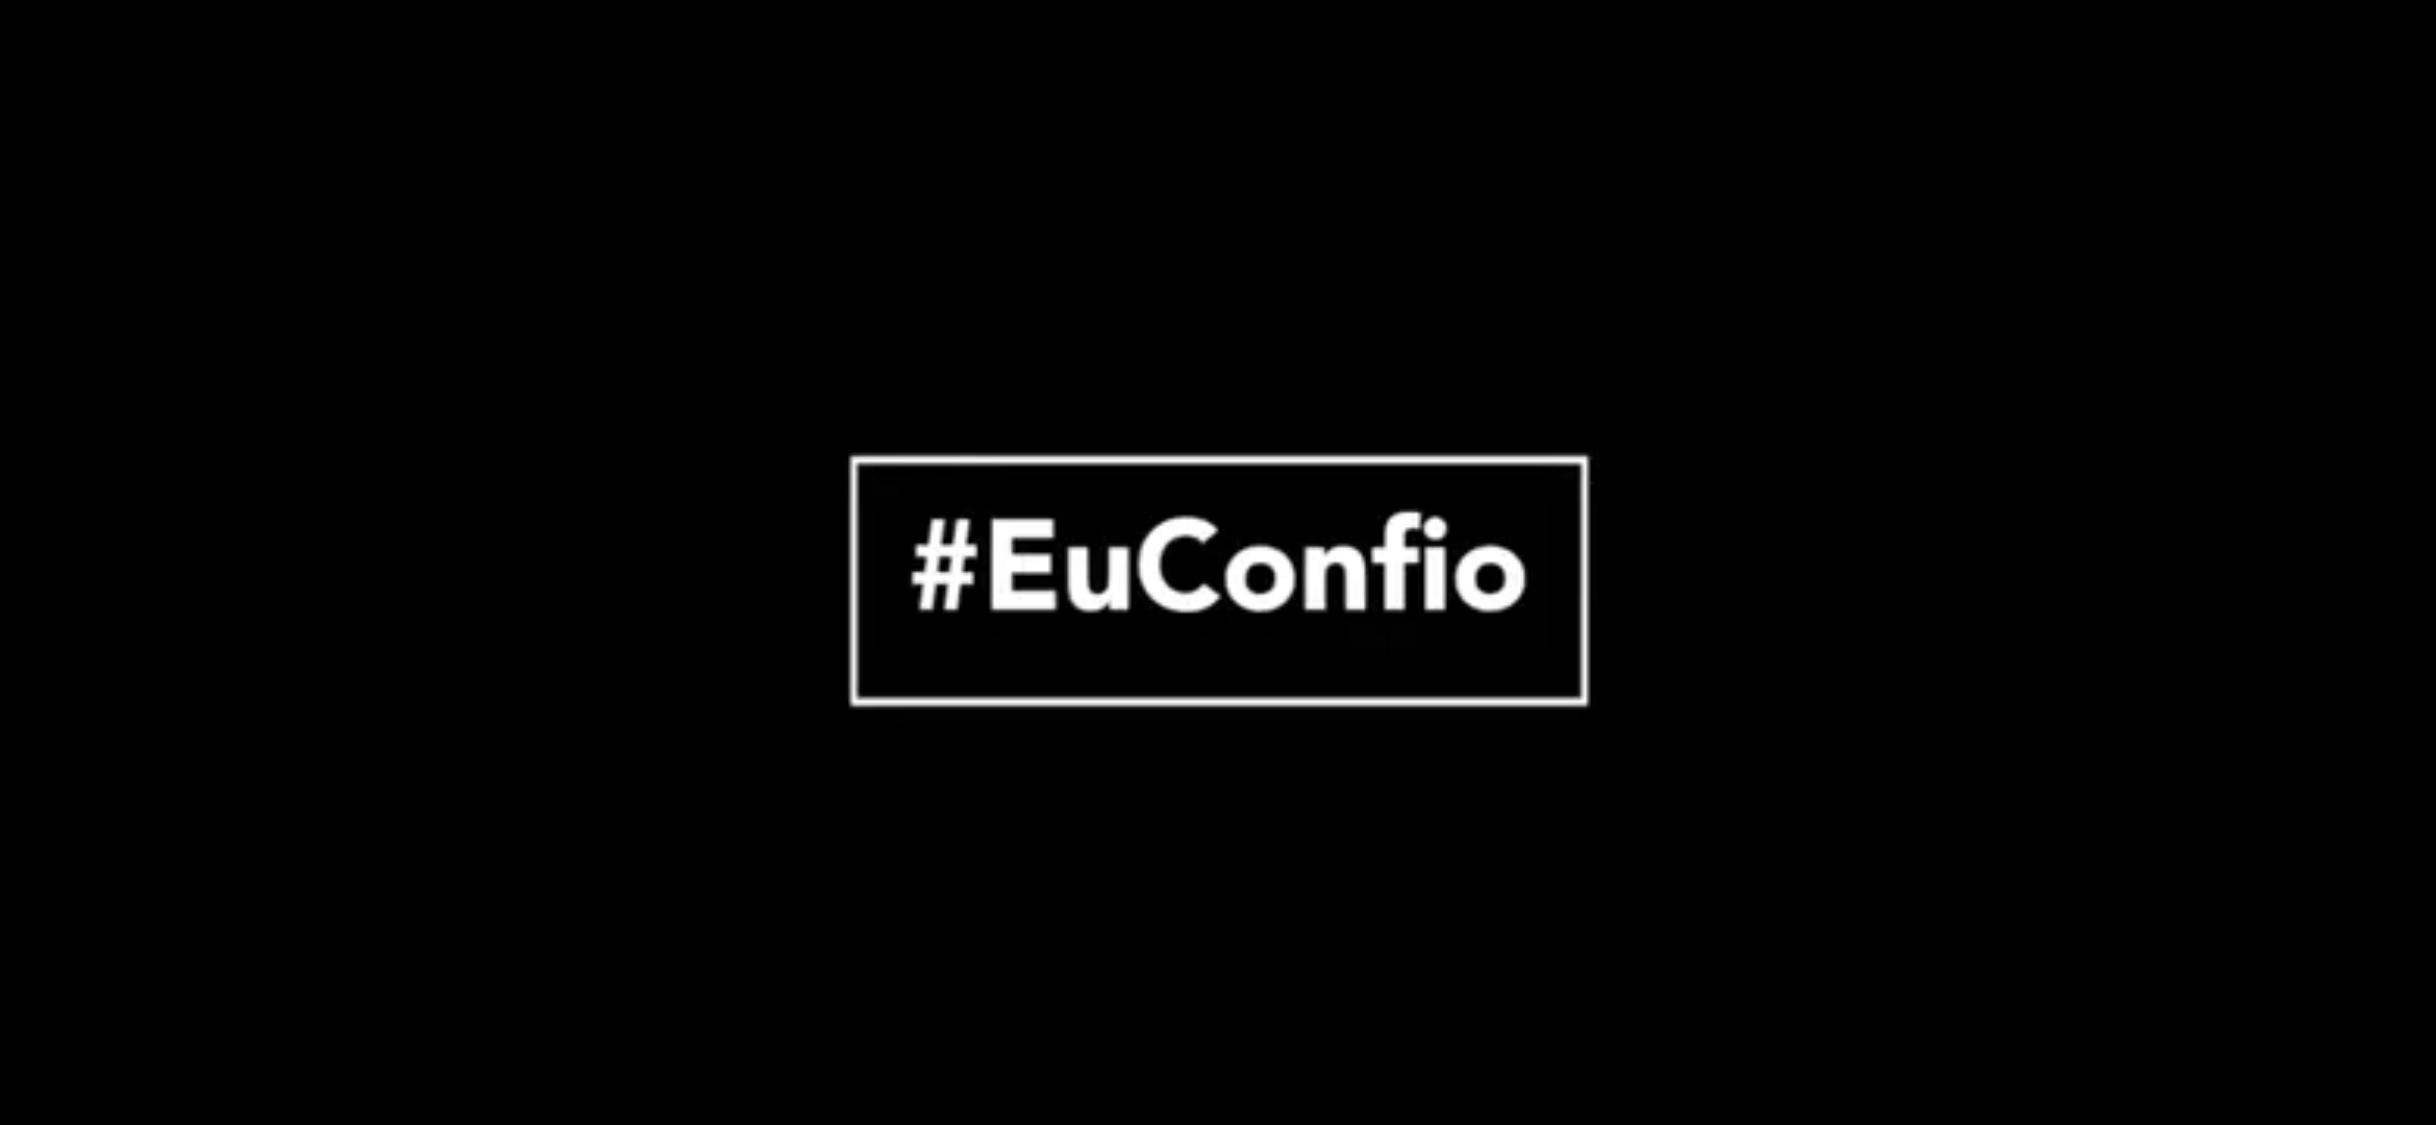 #EUCONFIO: Iva lamarão, Fernando Daniel e Hélder Reis 'dão a cara' por Ovar